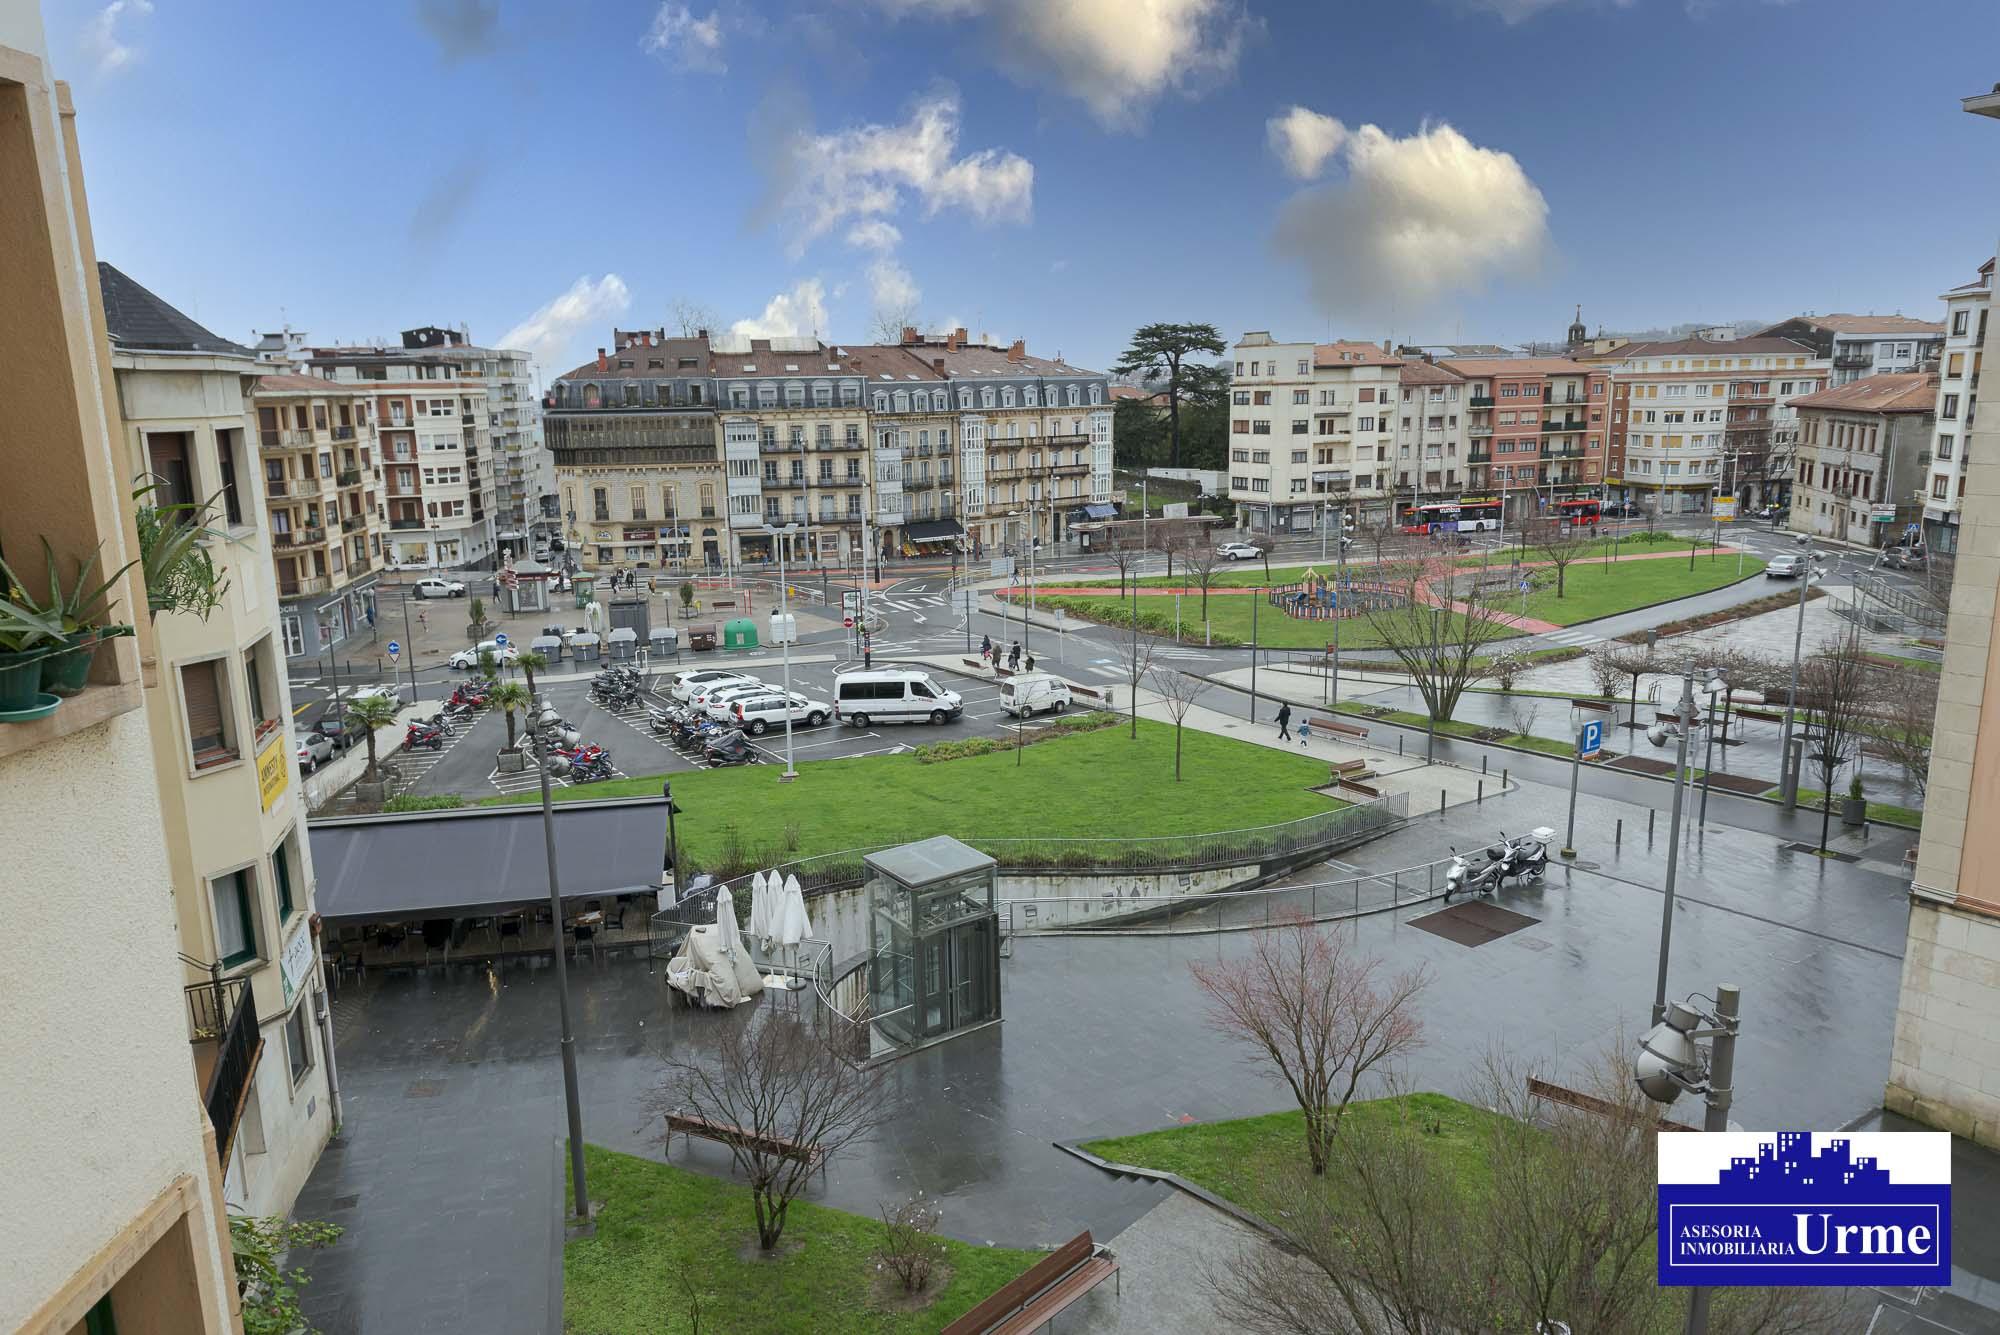 Pisazo junto a la plaza San Juan, calidades extraordinarias,rehabilitado a capricho.107m2, espacios amplios!!!2 baños.Parking opcional!!Ven a conocerlo